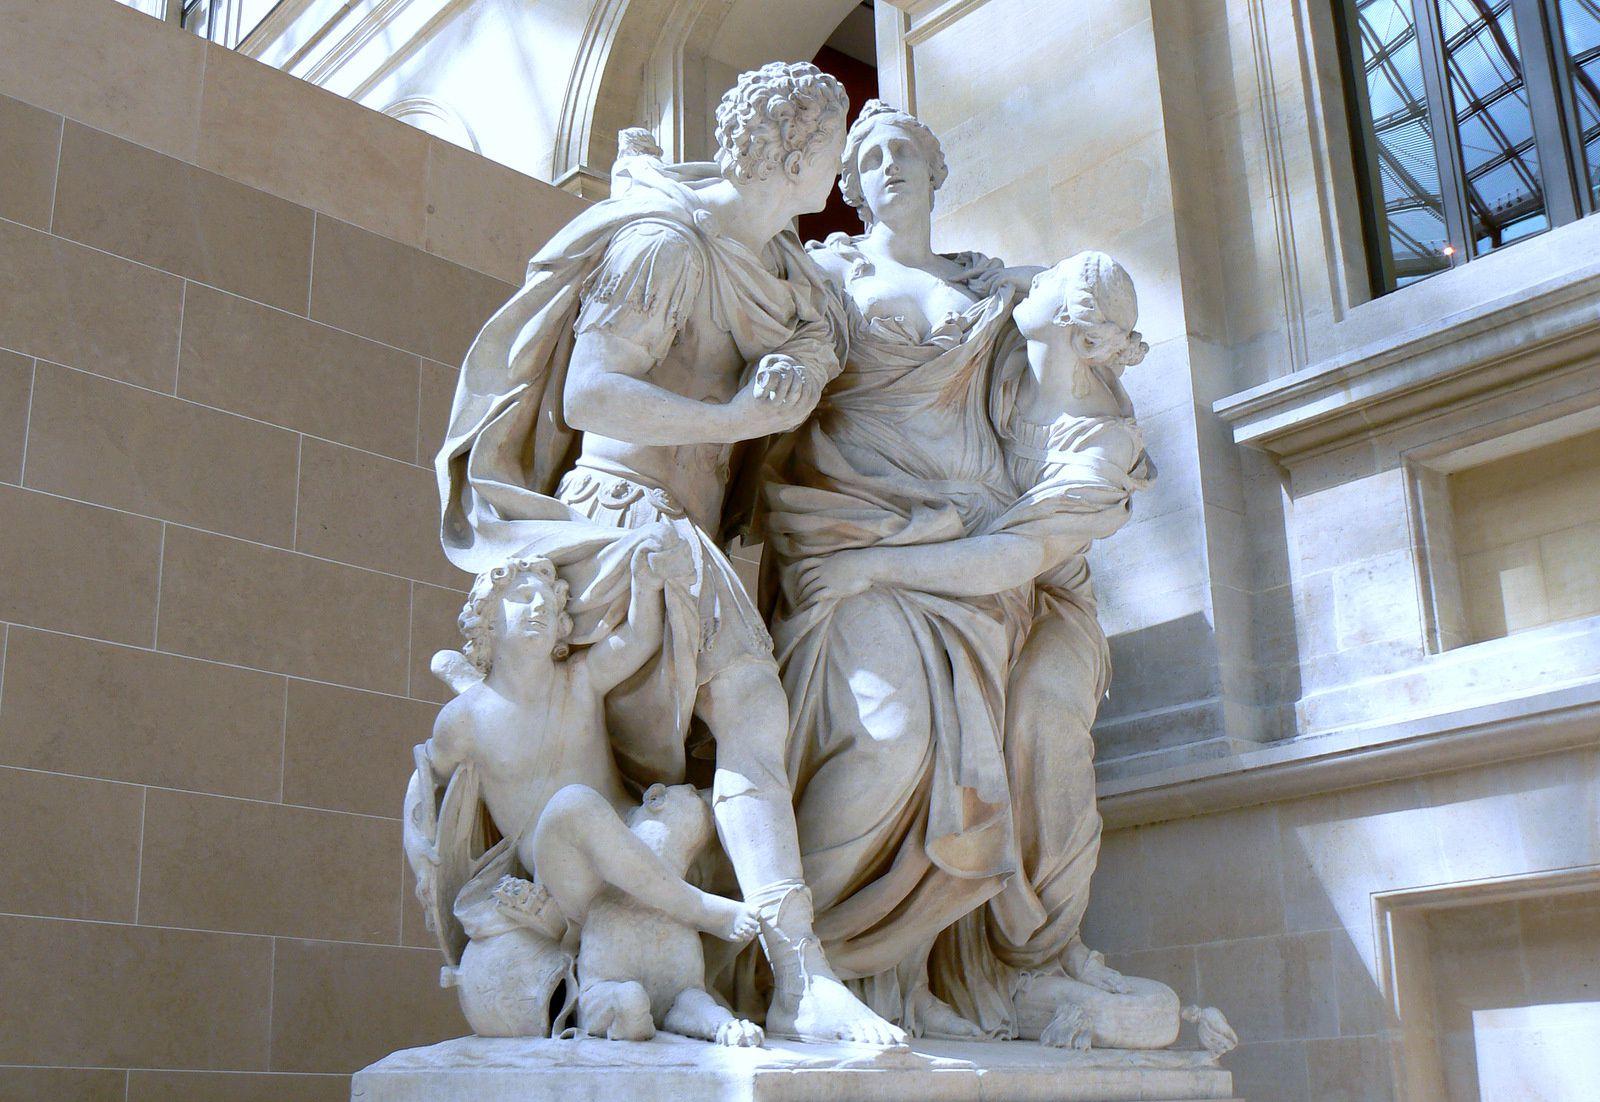 Lepautre Pierre et Jean-Baptiste Théodon, Arria et Poetus